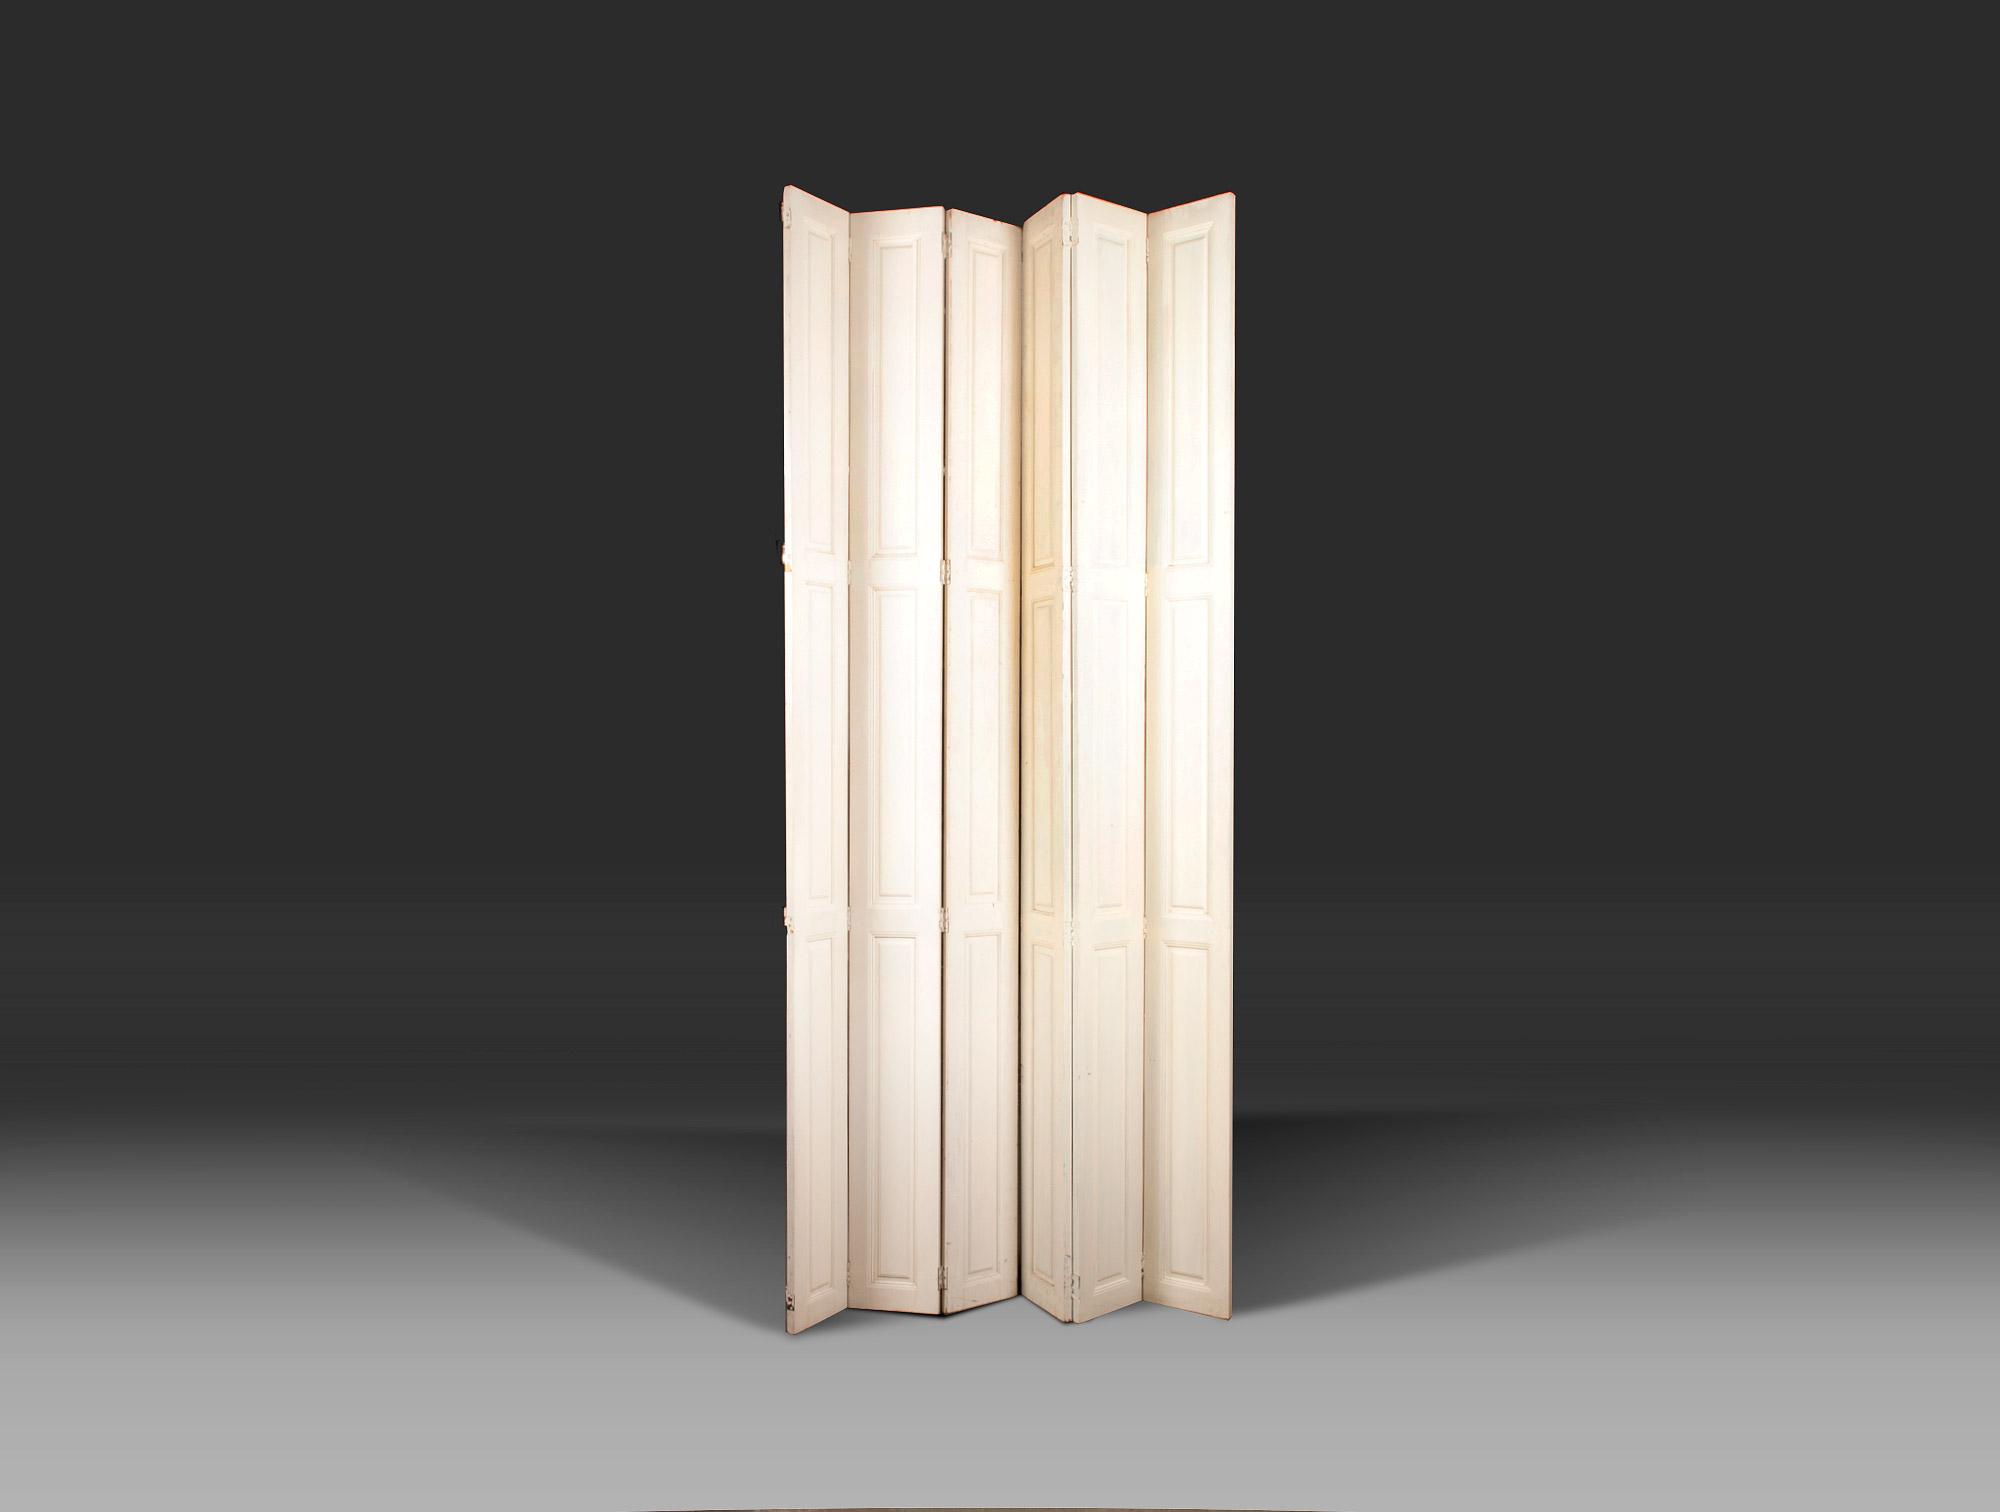 volets int rieur soubrier louer mobiliers paravent xxe. Black Bedroom Furniture Sets. Home Design Ideas